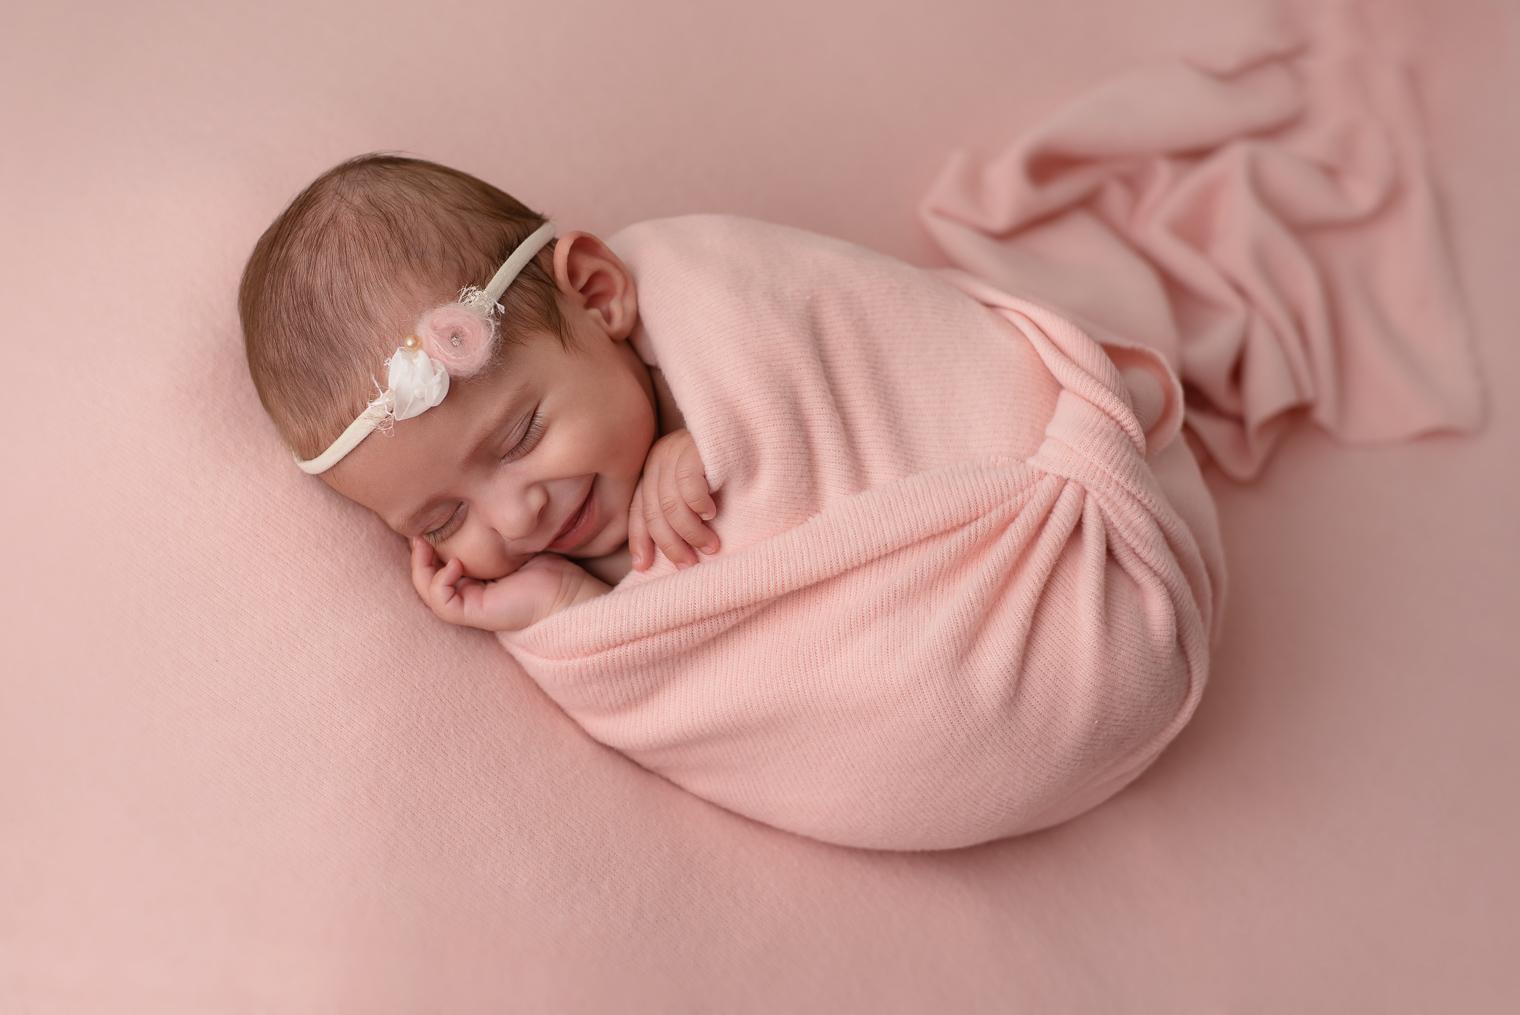 Bébé fille qui sourit, emmaillotée dans un tissu rose avec un bandeau rose et blanc